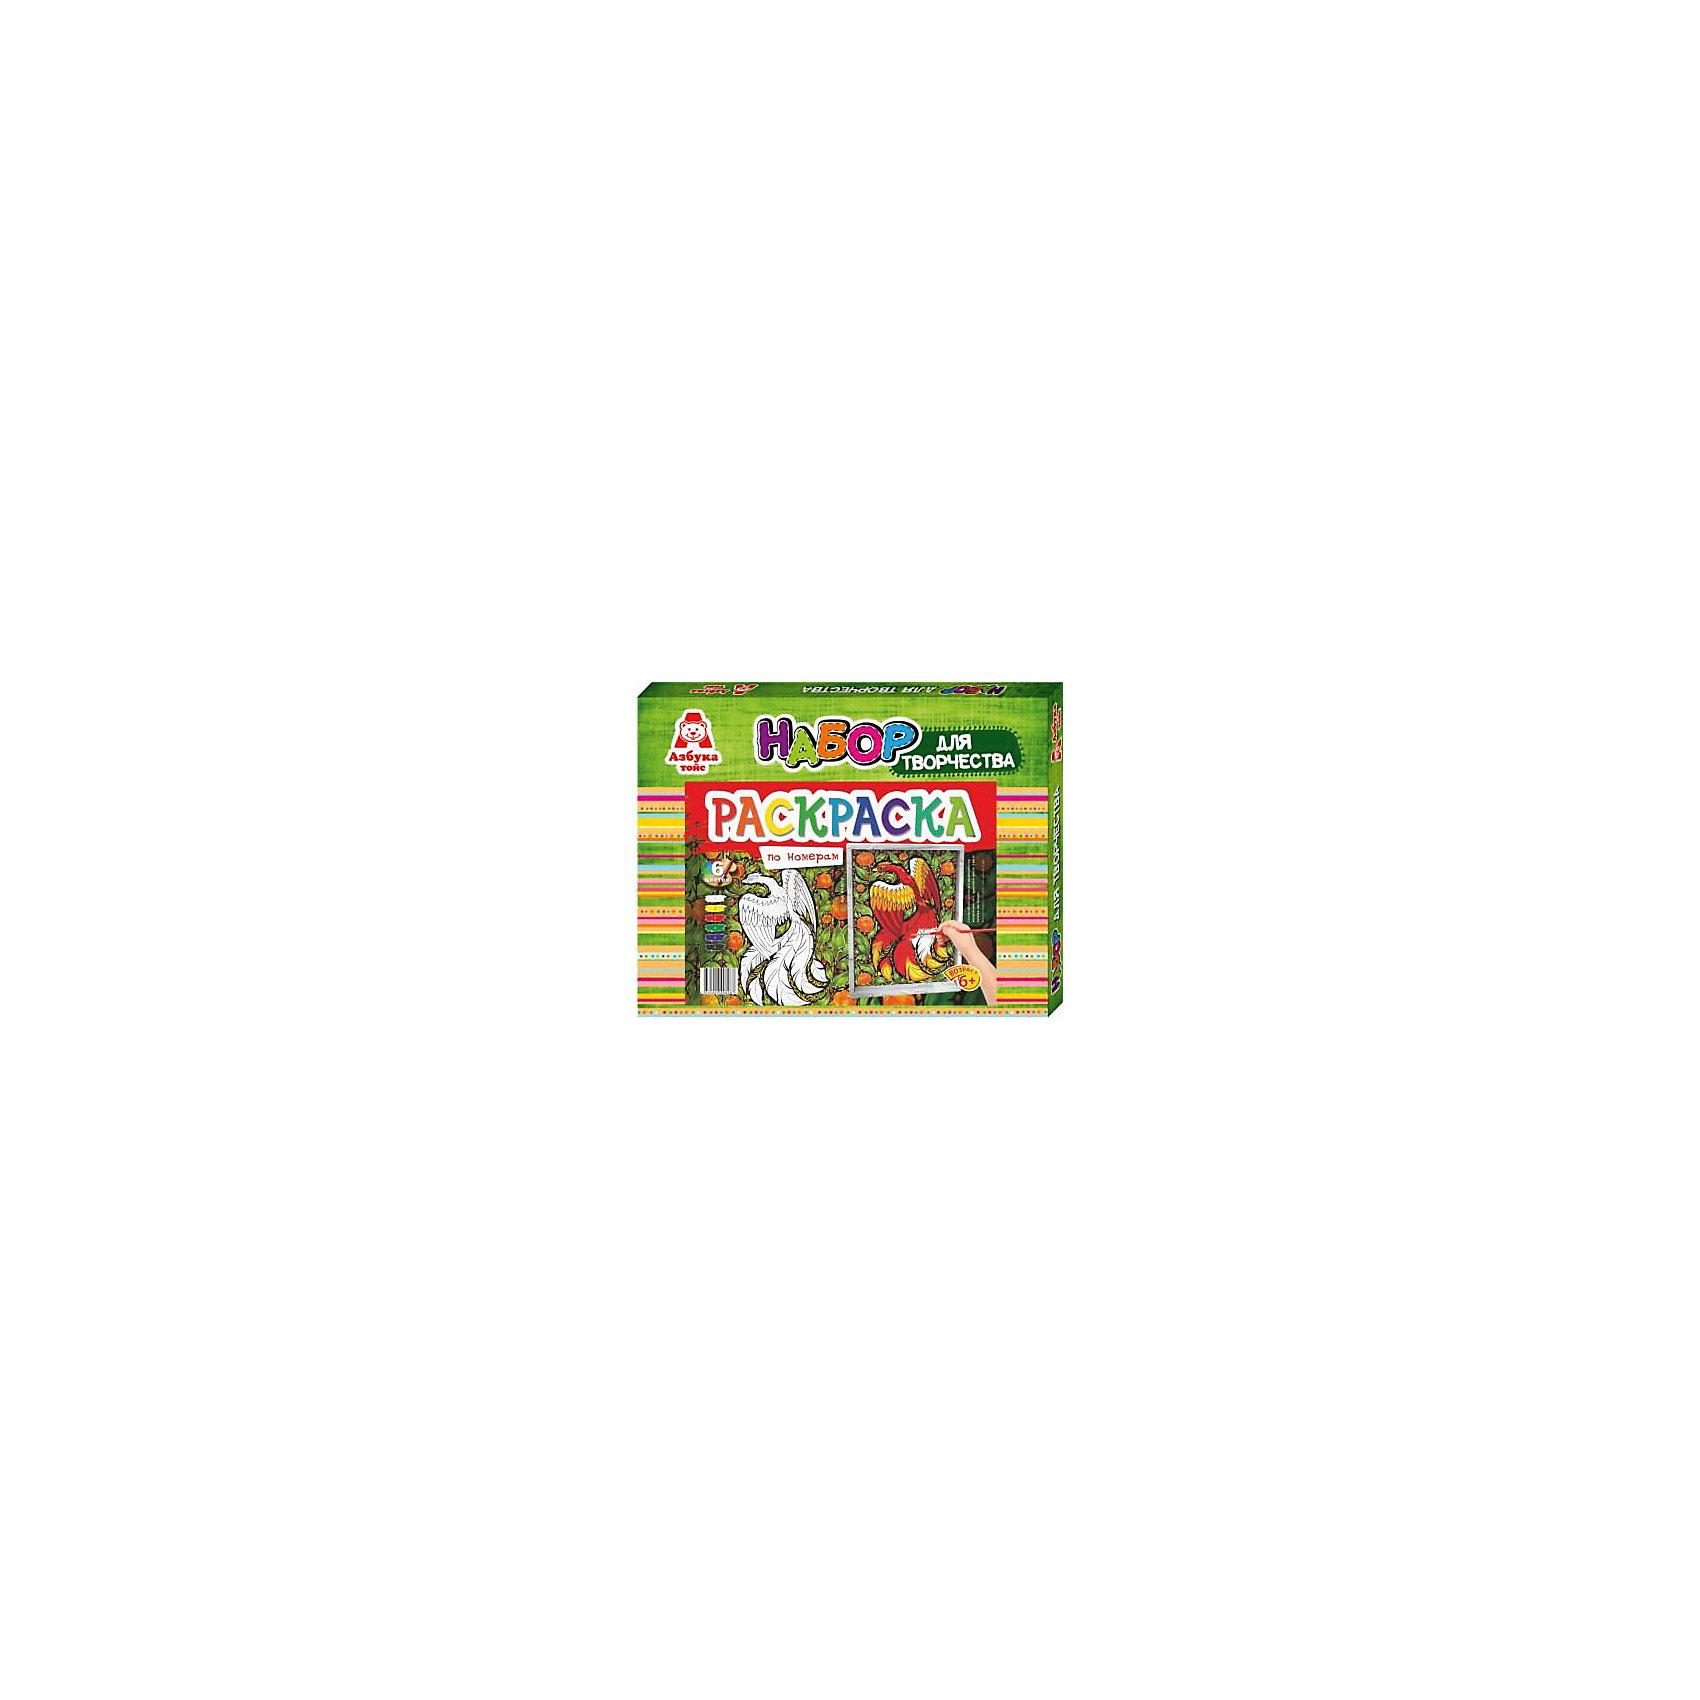 Раскраска по номерам Жар-птицаХарактеристики товара:<br><br>• упаковка: коробка<br>• материал: картон, акрил<br>• возраст: 6+<br>• масса: 200 г<br>• габариты: 30х270х210 мм<br>• комплектация: основа с нанесенным контуром, акриловые краски 6 цв., 2 кисточки, палитра для смешивания, картонная рамка и инструкция<br>• страна бренда: РФ<br>• страна изготовитель: РФ<br><br>Раскрашивание картинок – всеми любимый увлекательный процесс. Отличительной особенностью набора является то, что картинка разделена на зоны с нумерацией. Каждый номер – один цвет, соответствующий цвету в наборе красок. В итоге получается красивая картина. Это поможет ребенку поверить в свои силы и развить творческие способности.<br>Набор станет отличным подарком ребенку, так как он сможет сам сделать красивую вещь для себя или в качестве подарка близким! Материалы, использованные при изготовлении товара, сертифицированы и отвечают всем международным требованиям по качеству. <br><br>Раскраску по номерам Жар-птица от бренда Азбука Тойс можно приобрести в нашем интернет-магазине.<br><br>Ширина мм: 270<br>Глубина мм: 30<br>Высота мм: 210<br>Вес г: 200<br>Возраст от месяцев: 72<br>Возраст до месяцев: 120<br>Пол: Унисекс<br>Возраст: Детский<br>SKU: 5062876